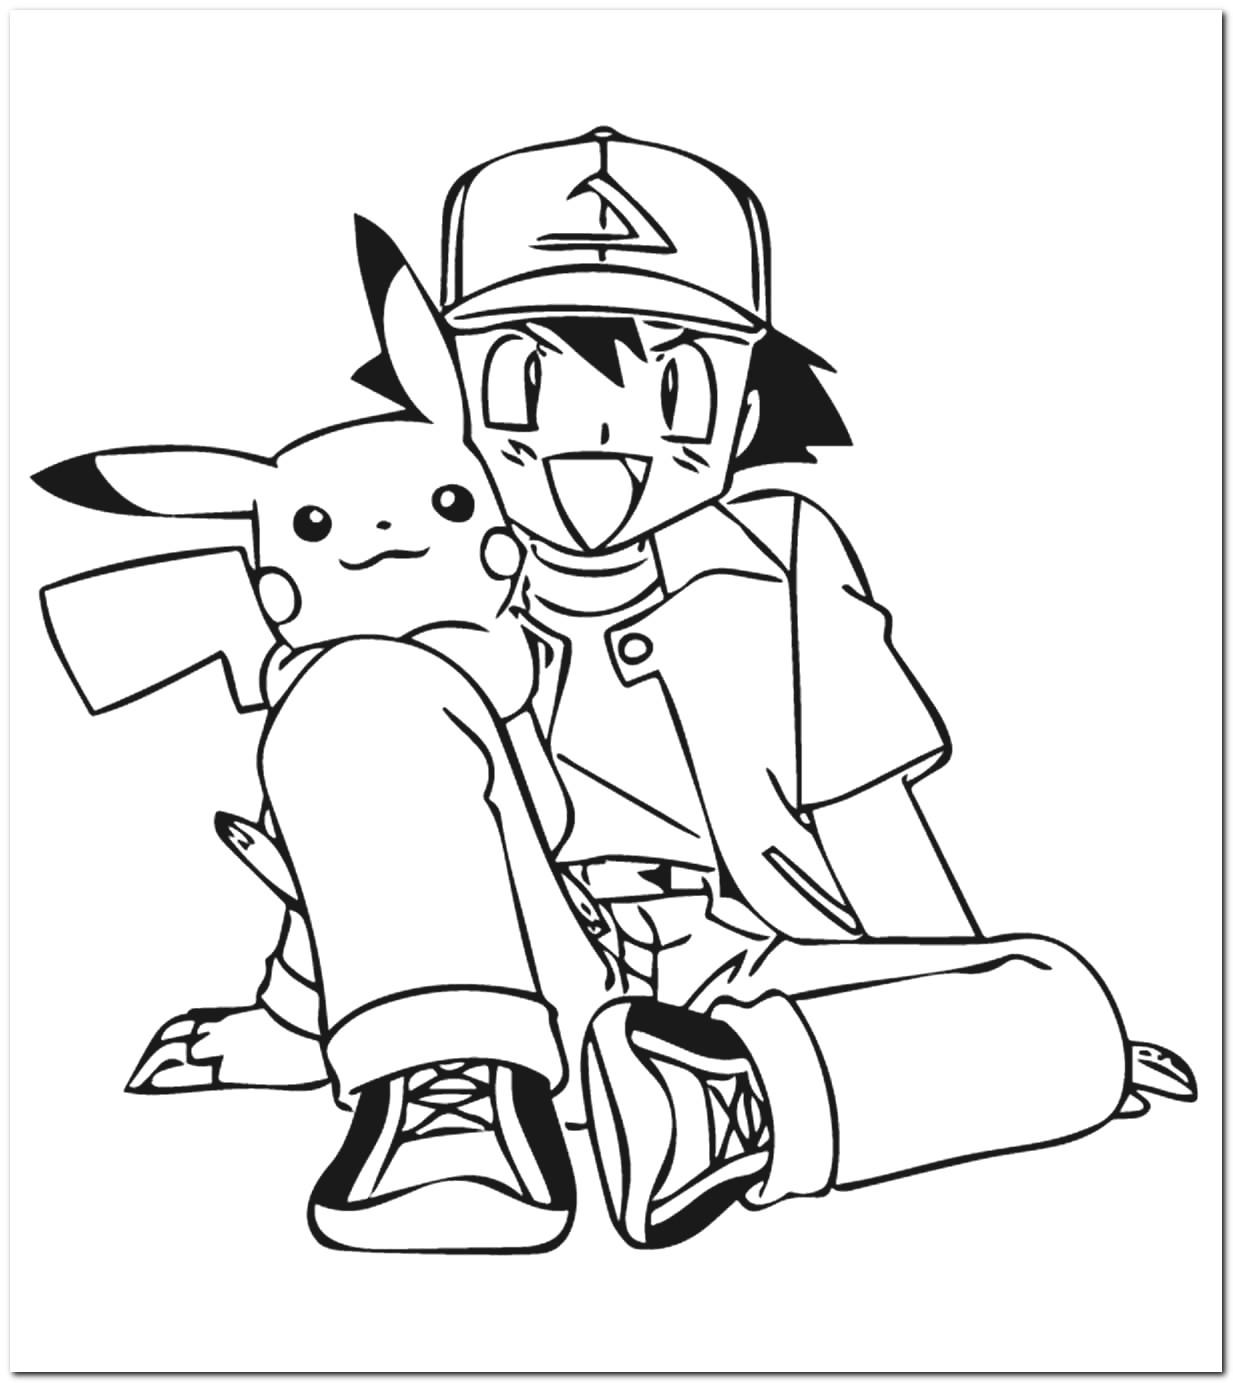 Hinh-to-mau-anime-dep-nhat (115)